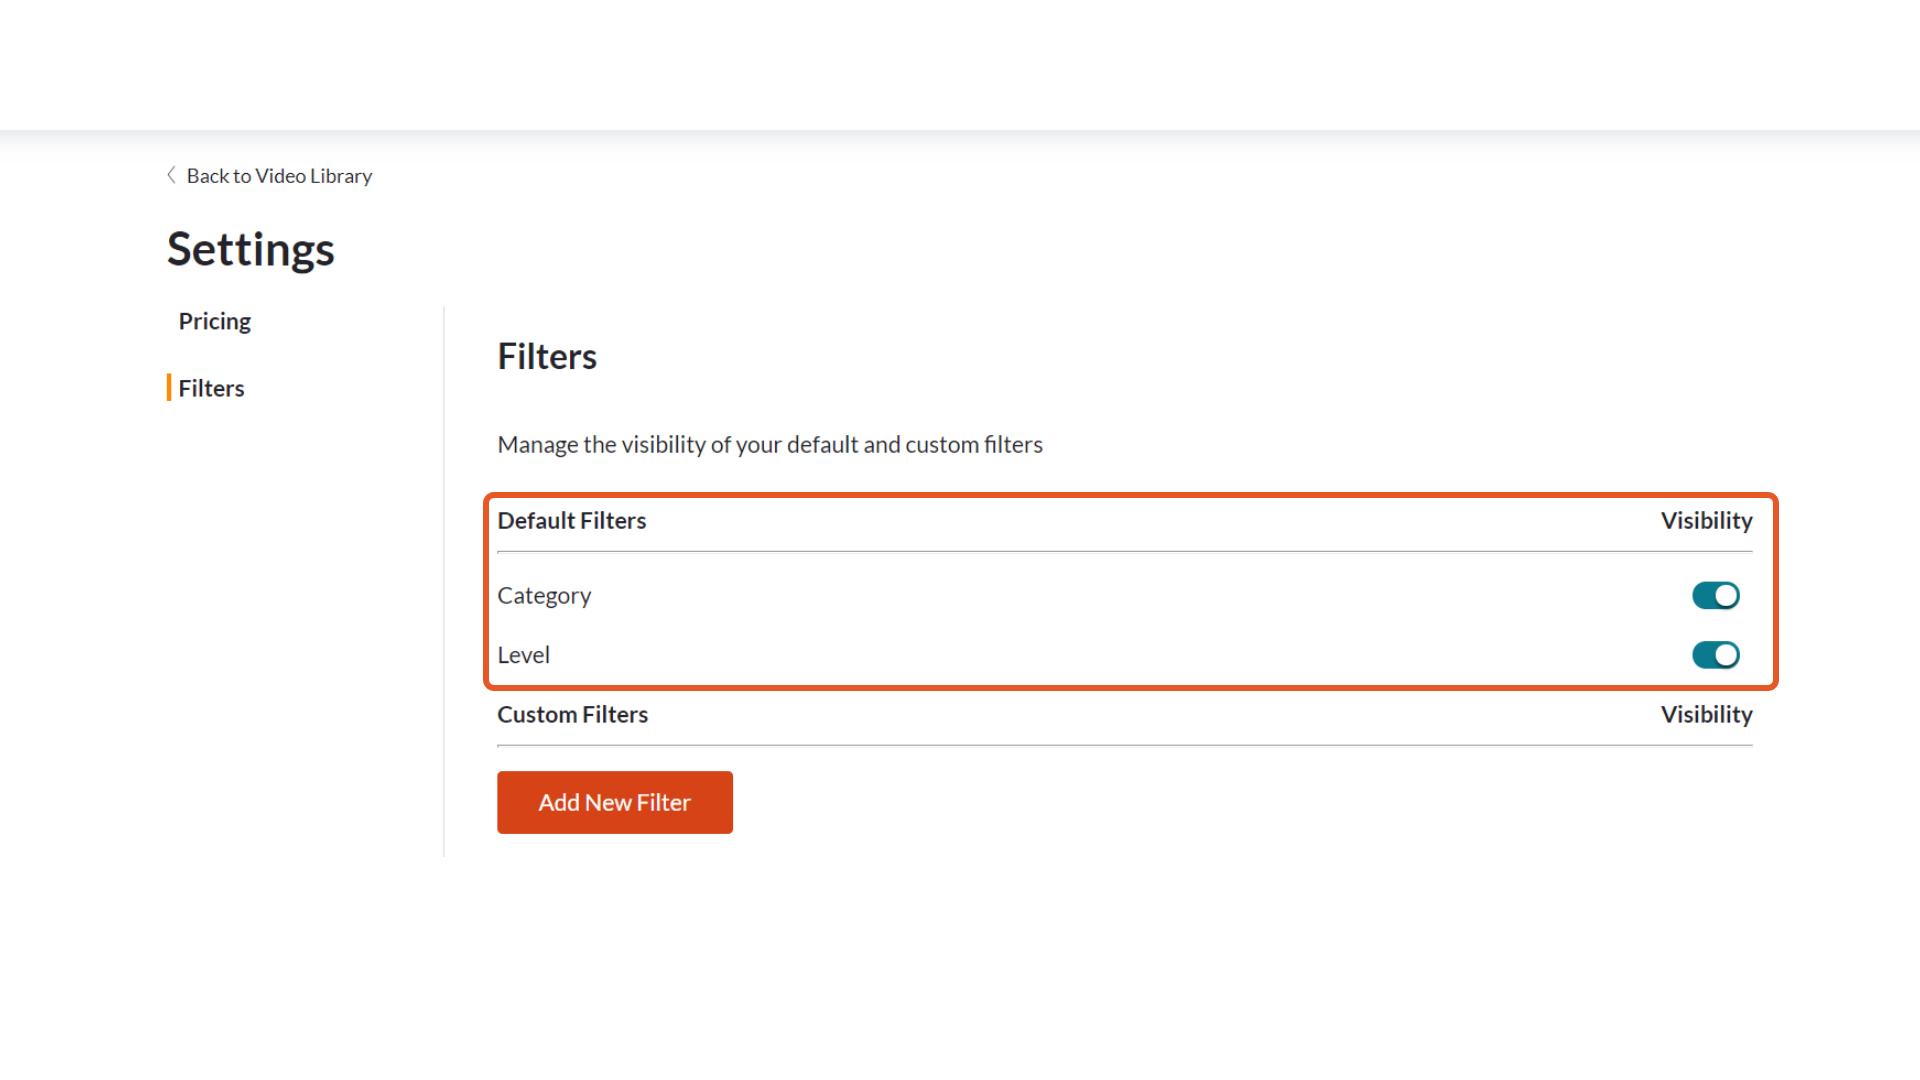 Default filters